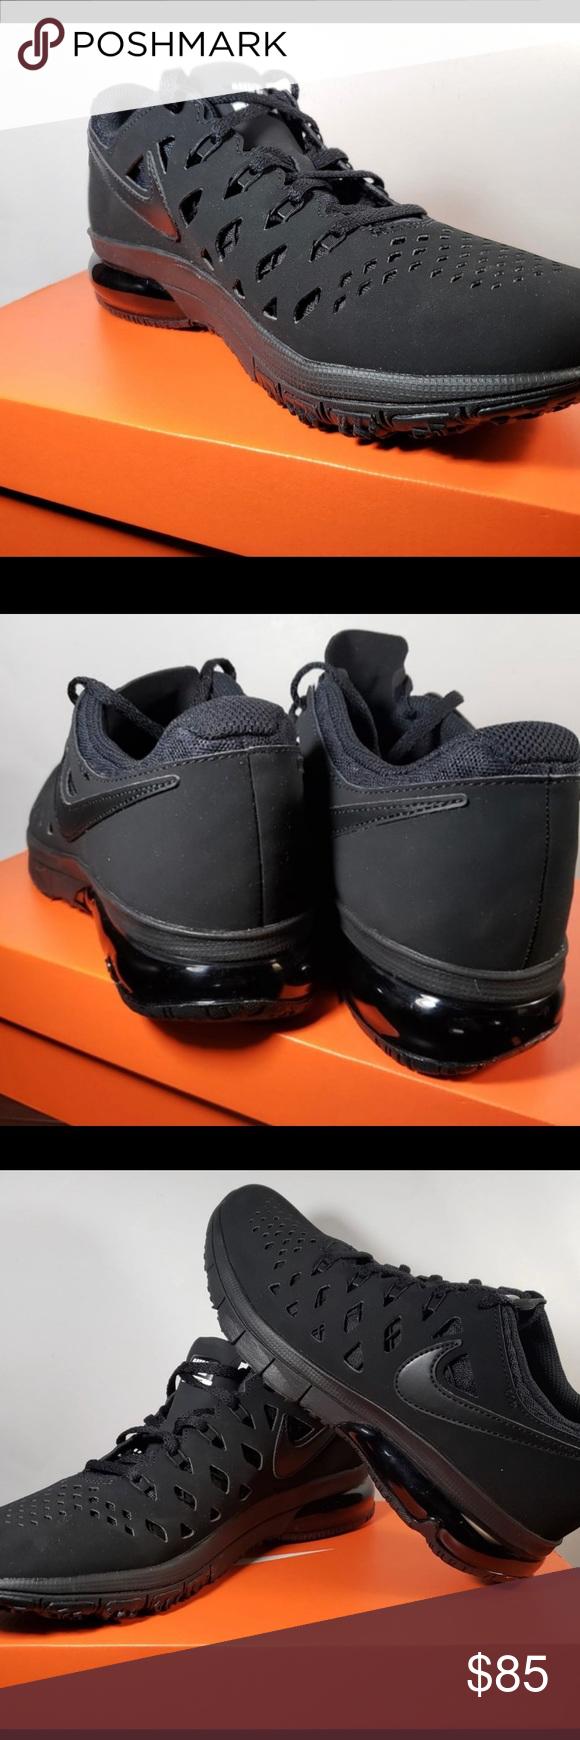 Nike air max, Cross training sneakers